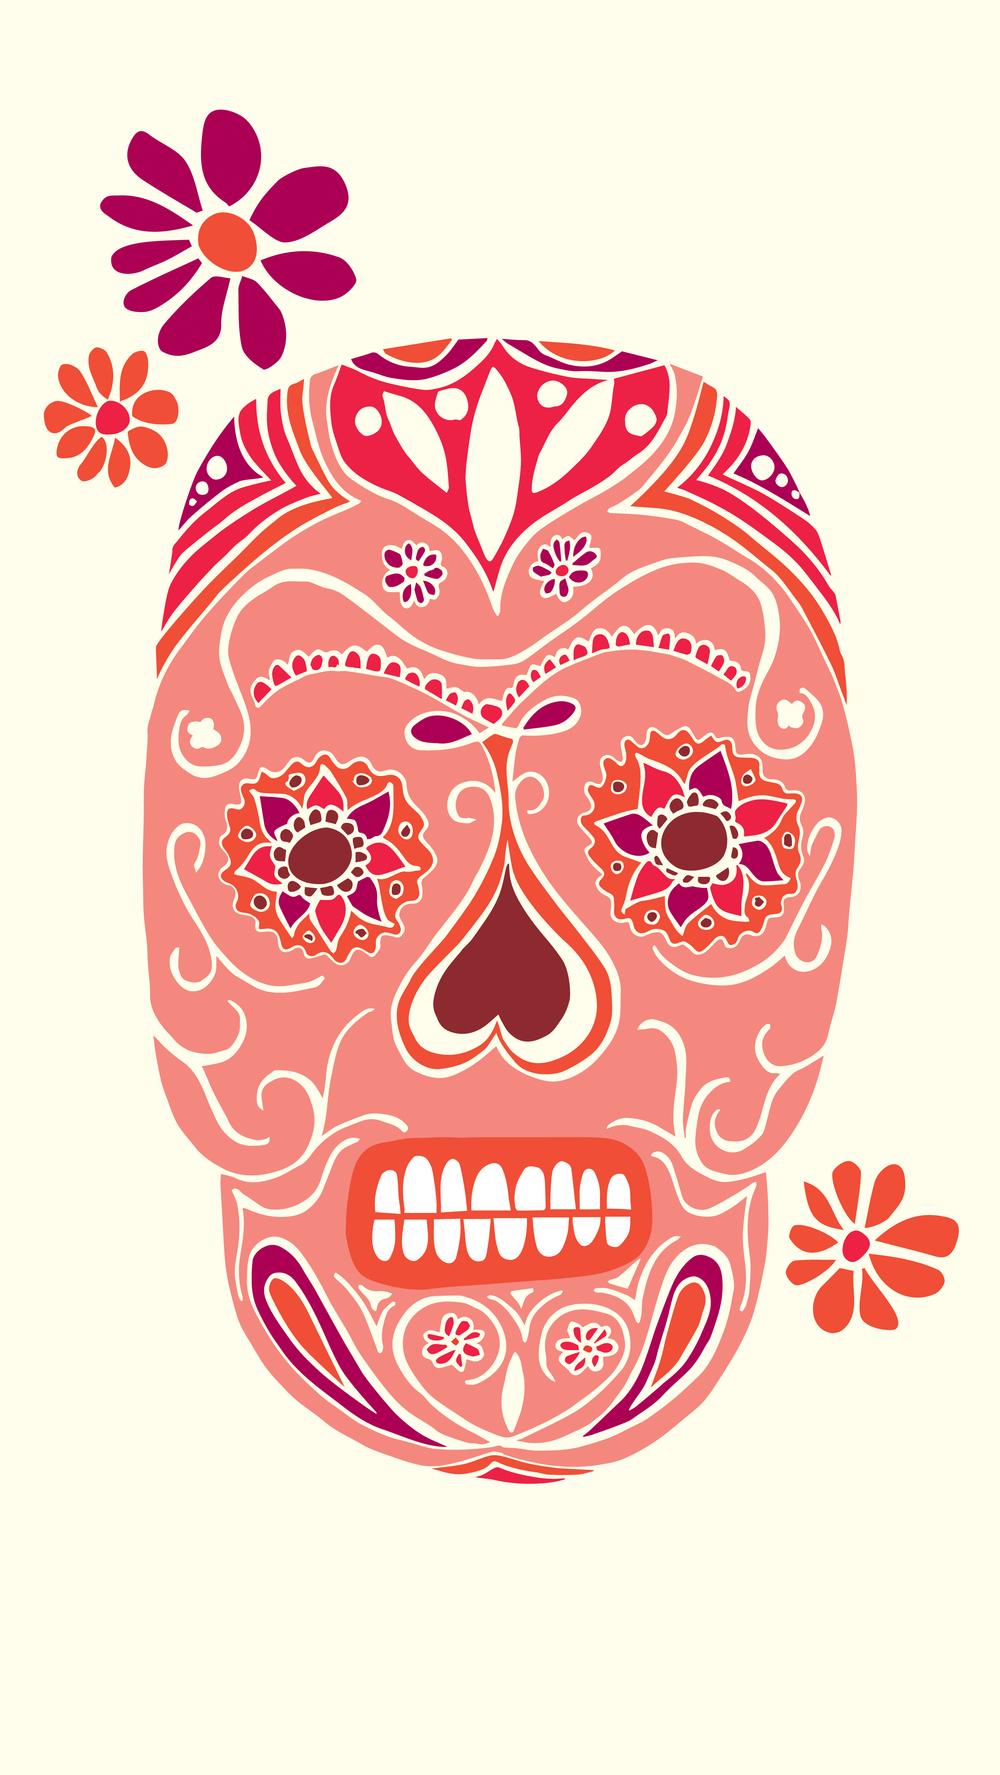 Amazing Wallpaper Halloween Pink - Halloween-2013-01  Graphic_182652.jpg?format\u003doriginal